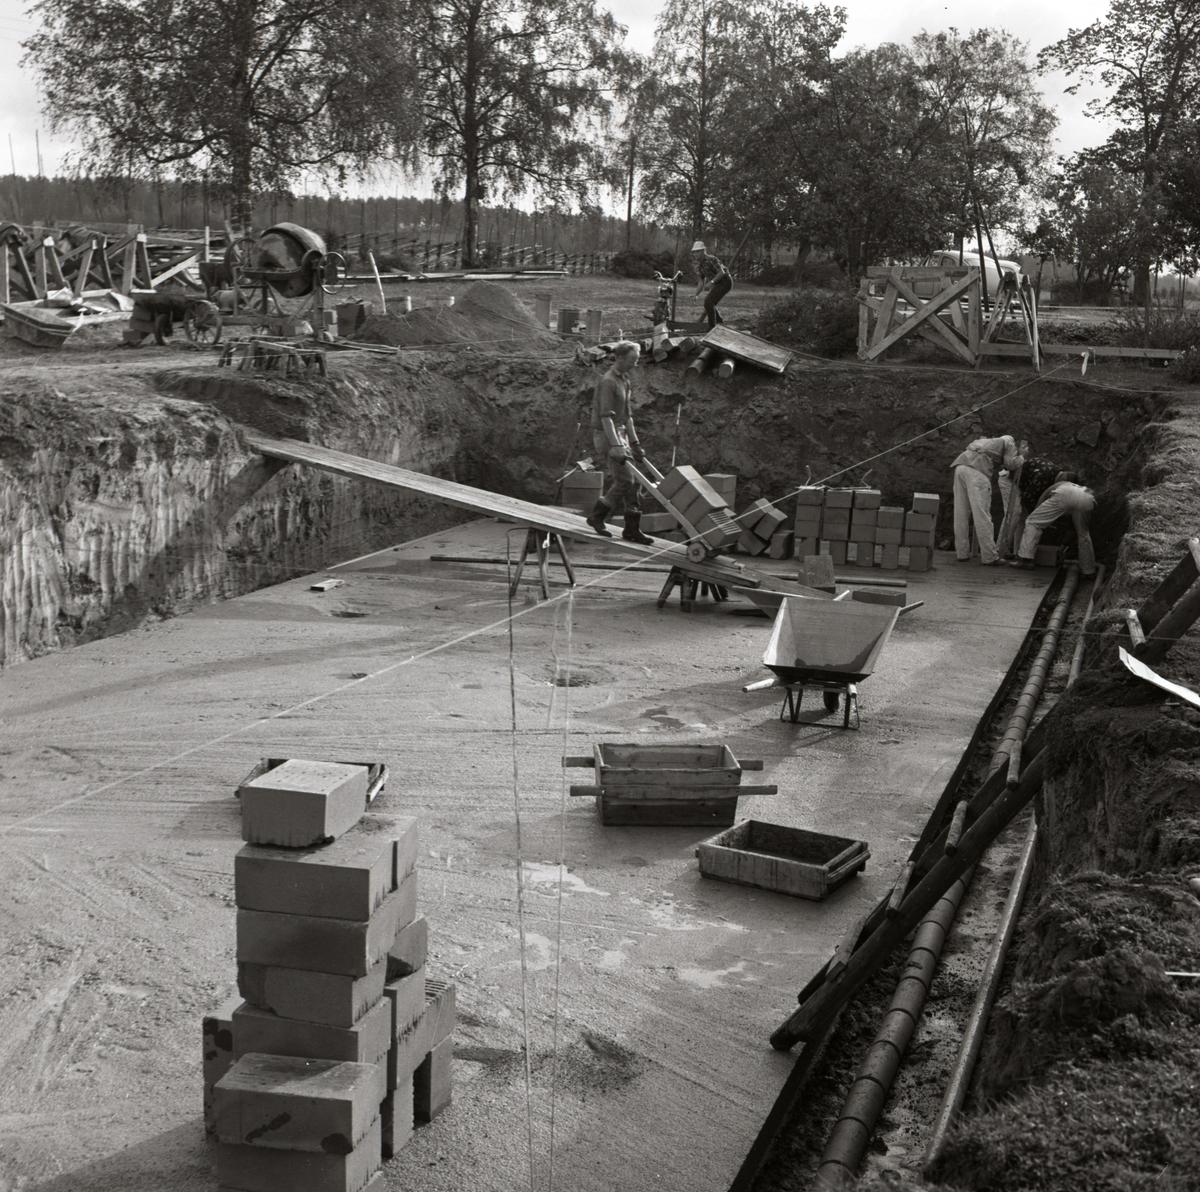 En man kör en skottkärra med tegel till husgrunden vid byggnation av hus vid gården Sunnanåker. Två andra män arbetar med att mura tegel, 1967.